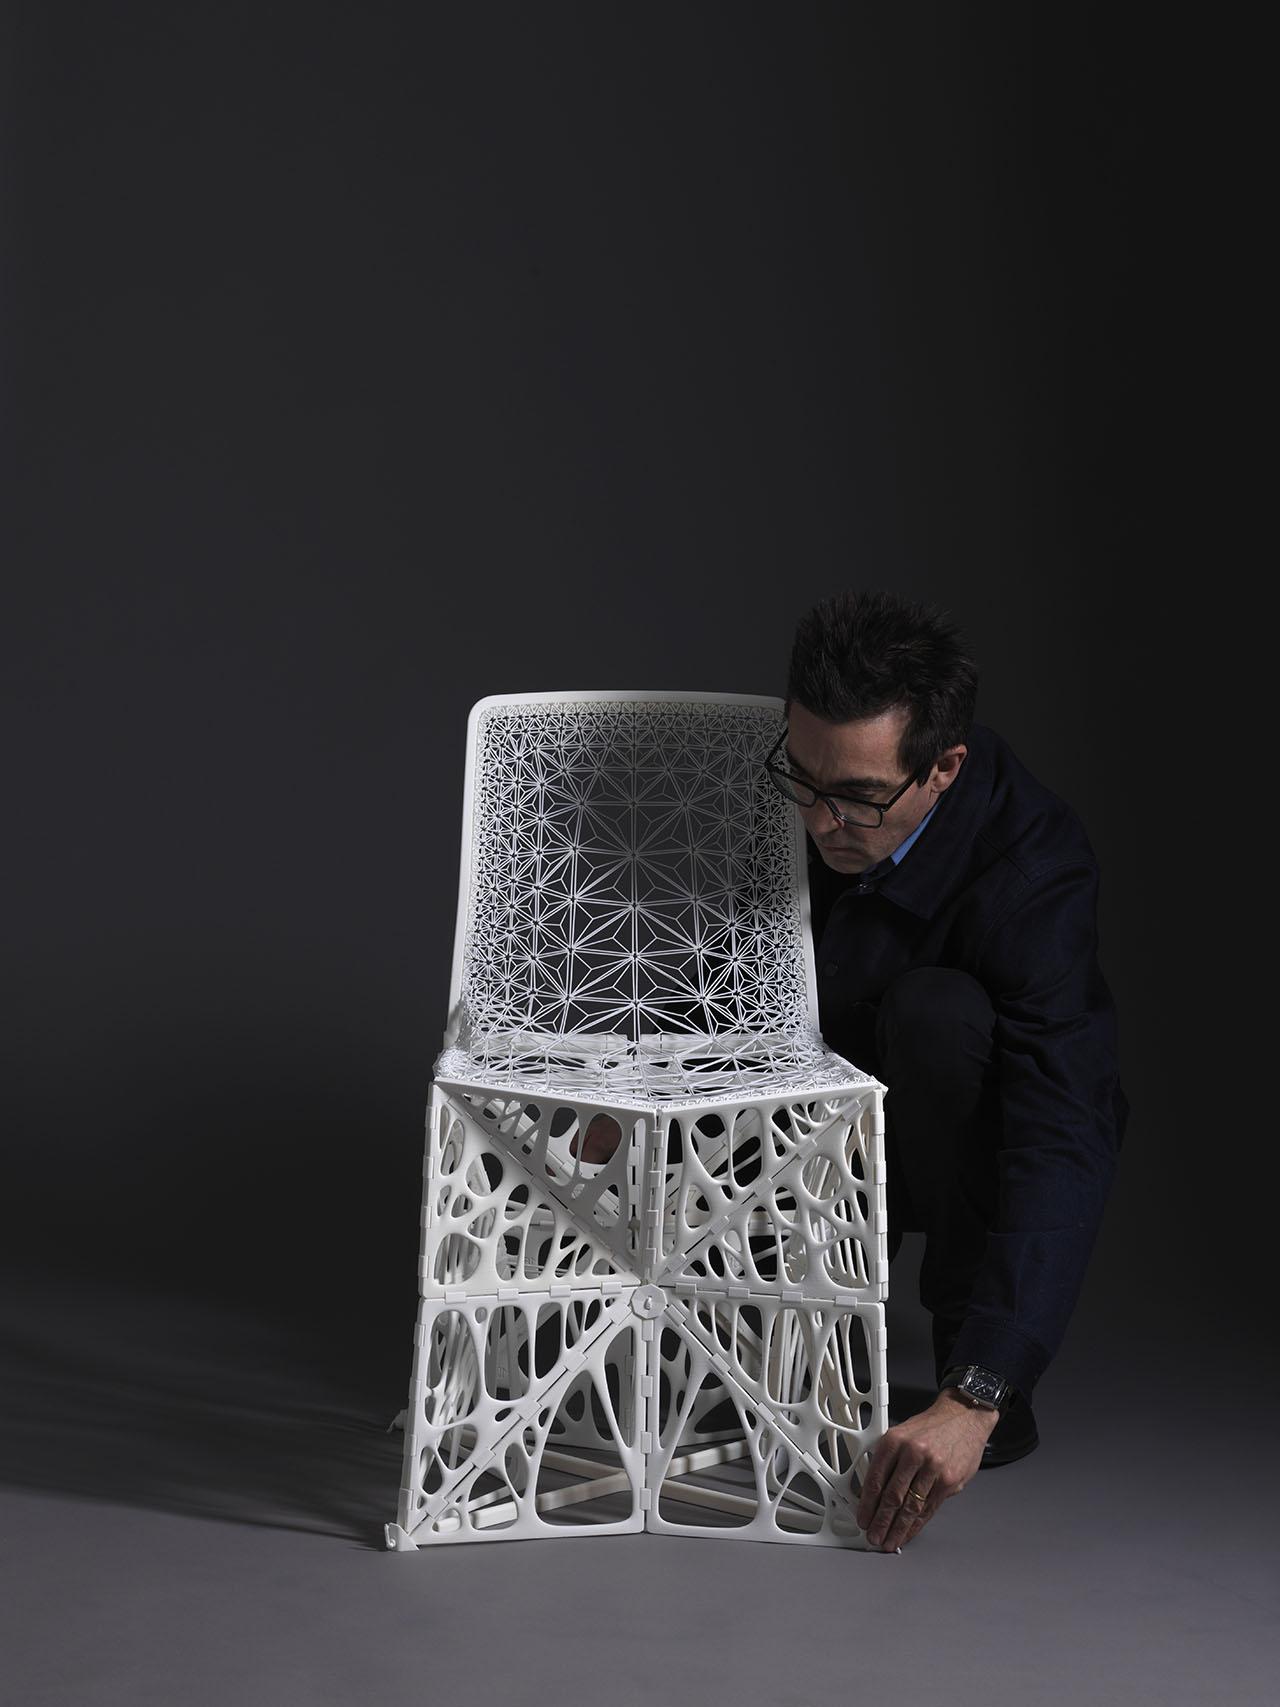 Tamu Chair x Pendulum Magazine